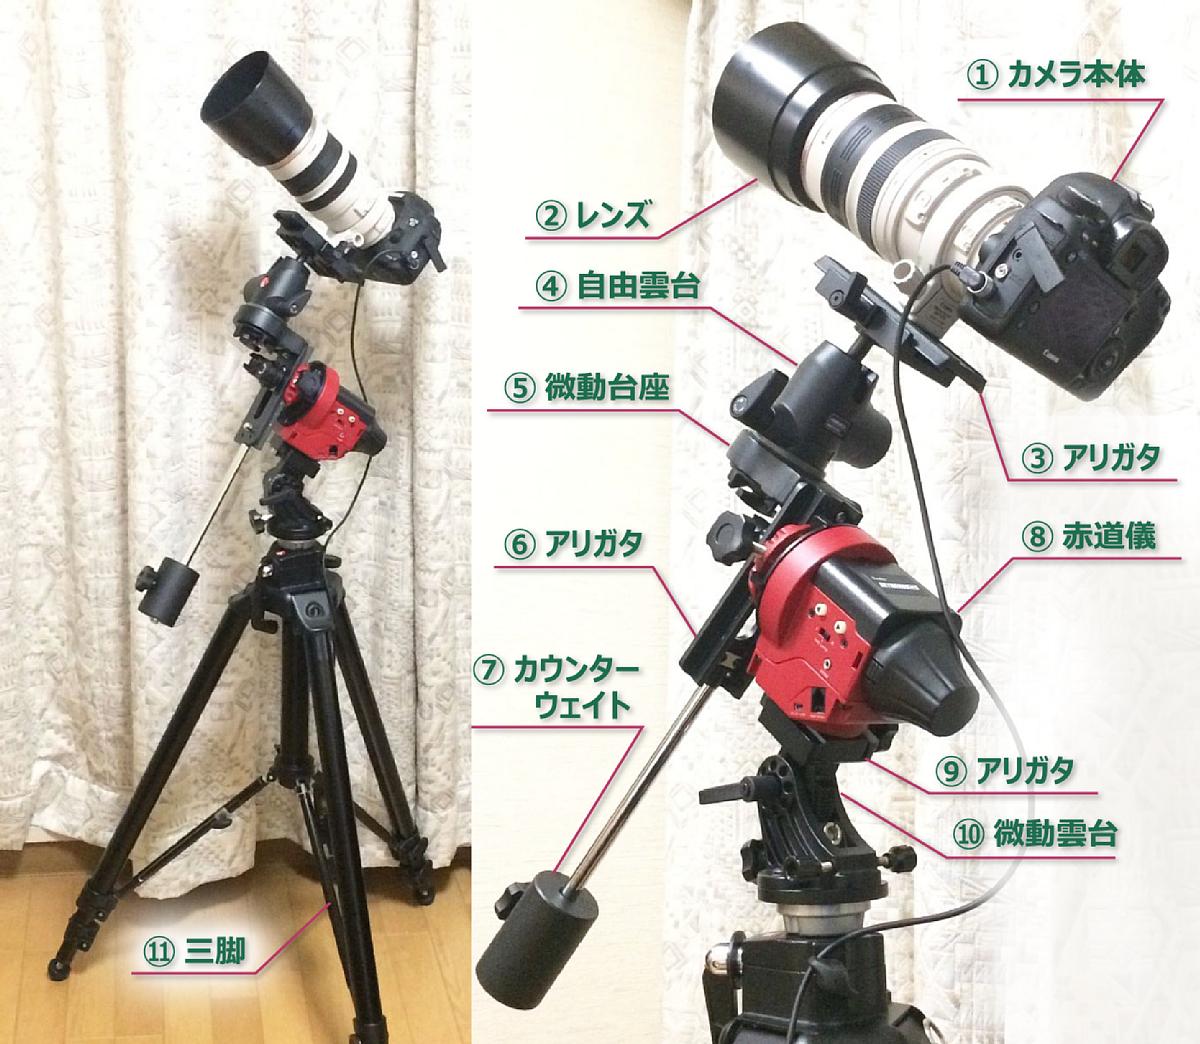 【機材】天体撮影機材~振動対策~【全体概要】